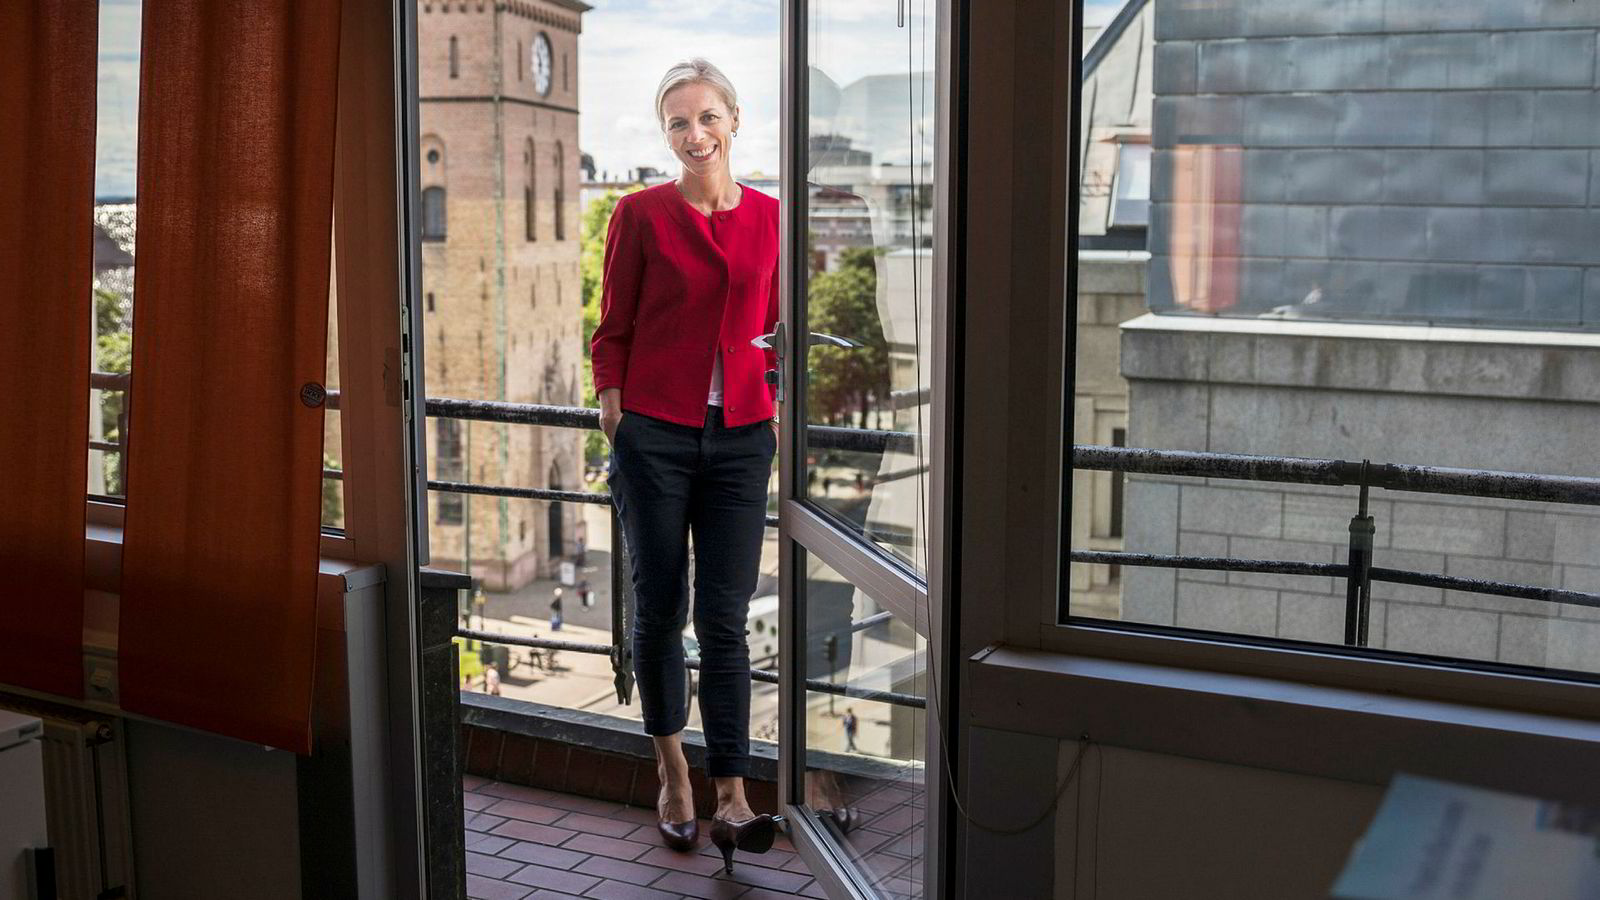 Utnevnelsen av Marte Gerhardsen til ny utdanningsdirektør i Oslo-skolen er et kontroversielt valg, skriver Eva Grinde.